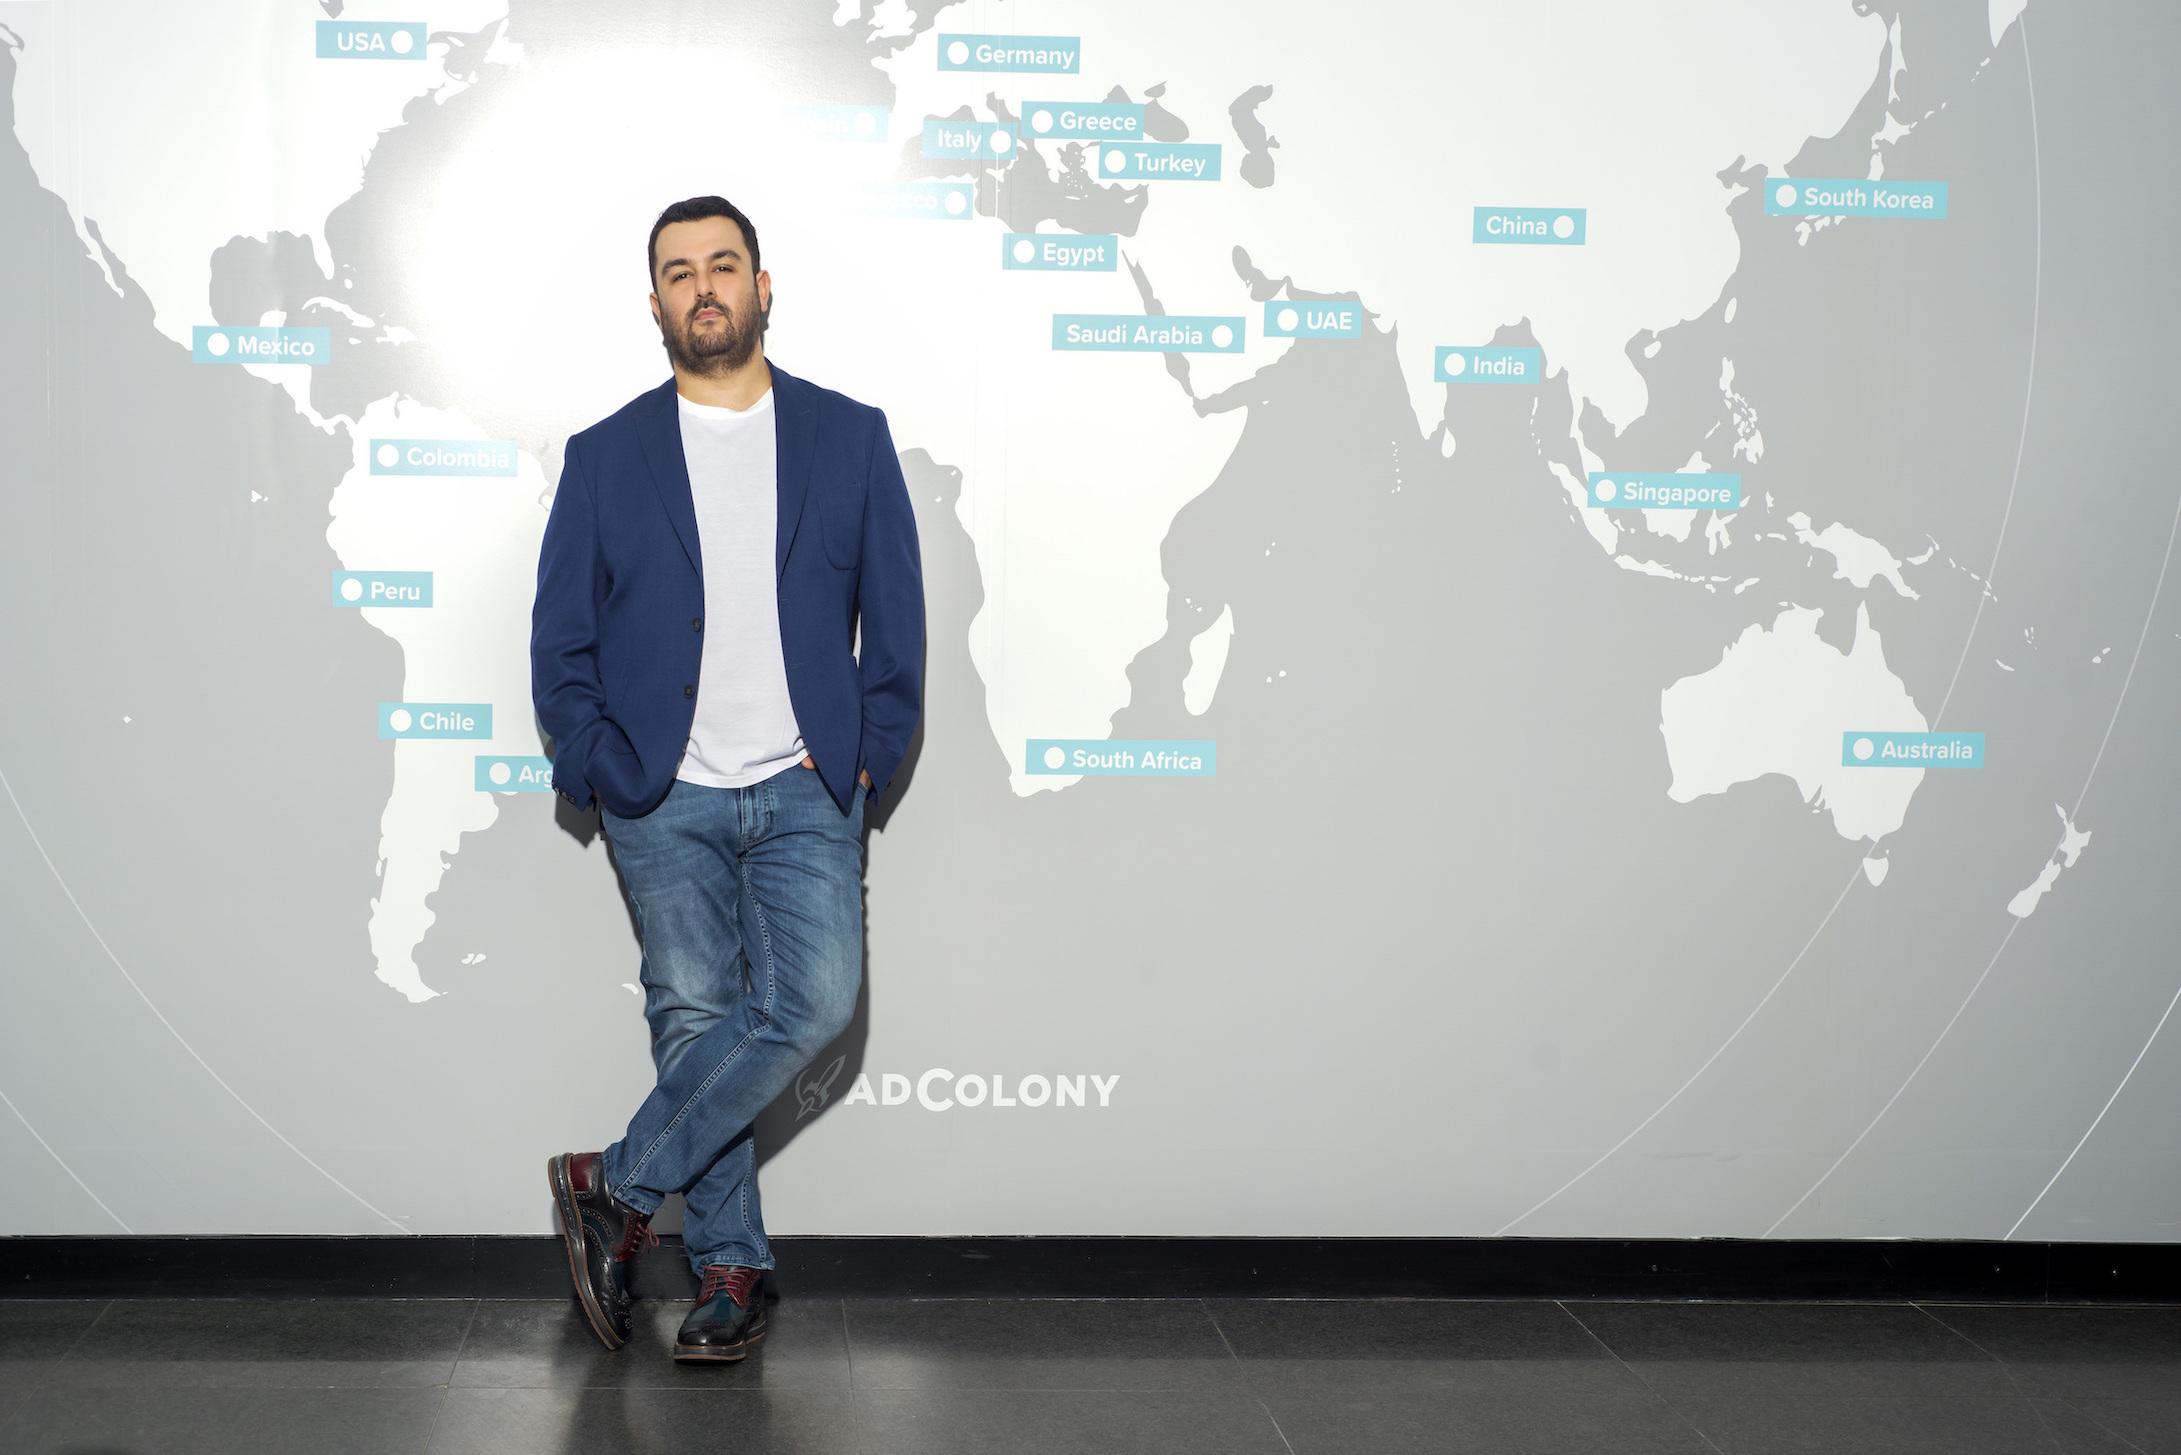 نمو ألعاب الهاتف المحمول في الشرق الأوسط بنسبة 25٪ لتصل إلى 4.4 مليار دولار أي حتى ثلاثة أضعاف حجمها بحلول عام 2022